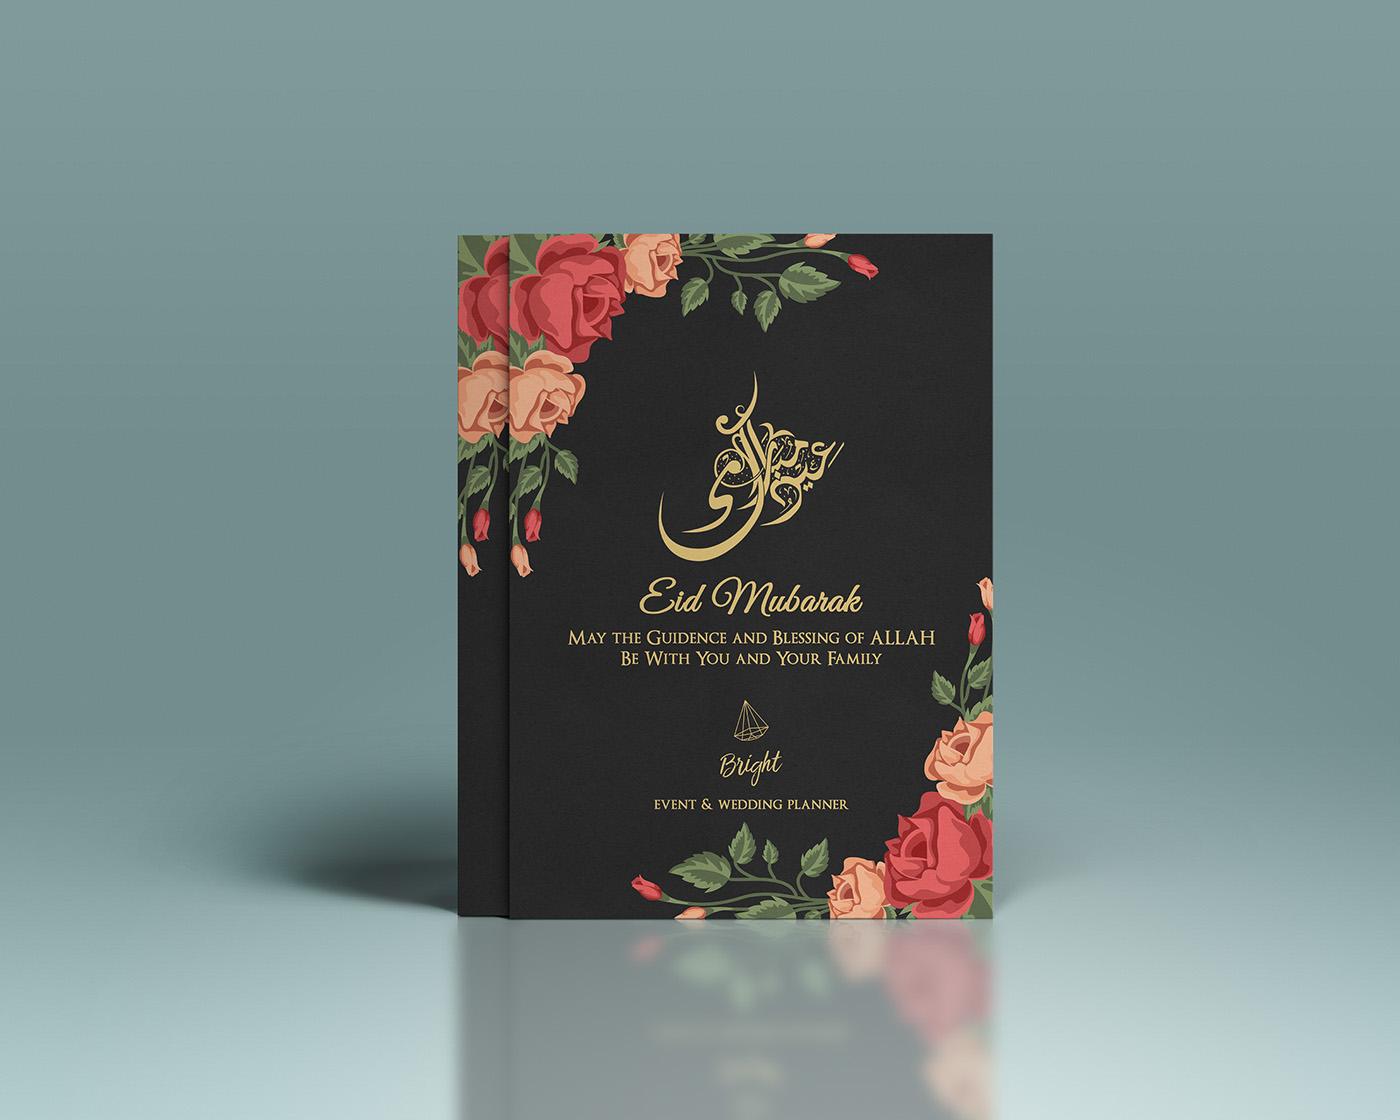 Eid Mubarak Flyer Design